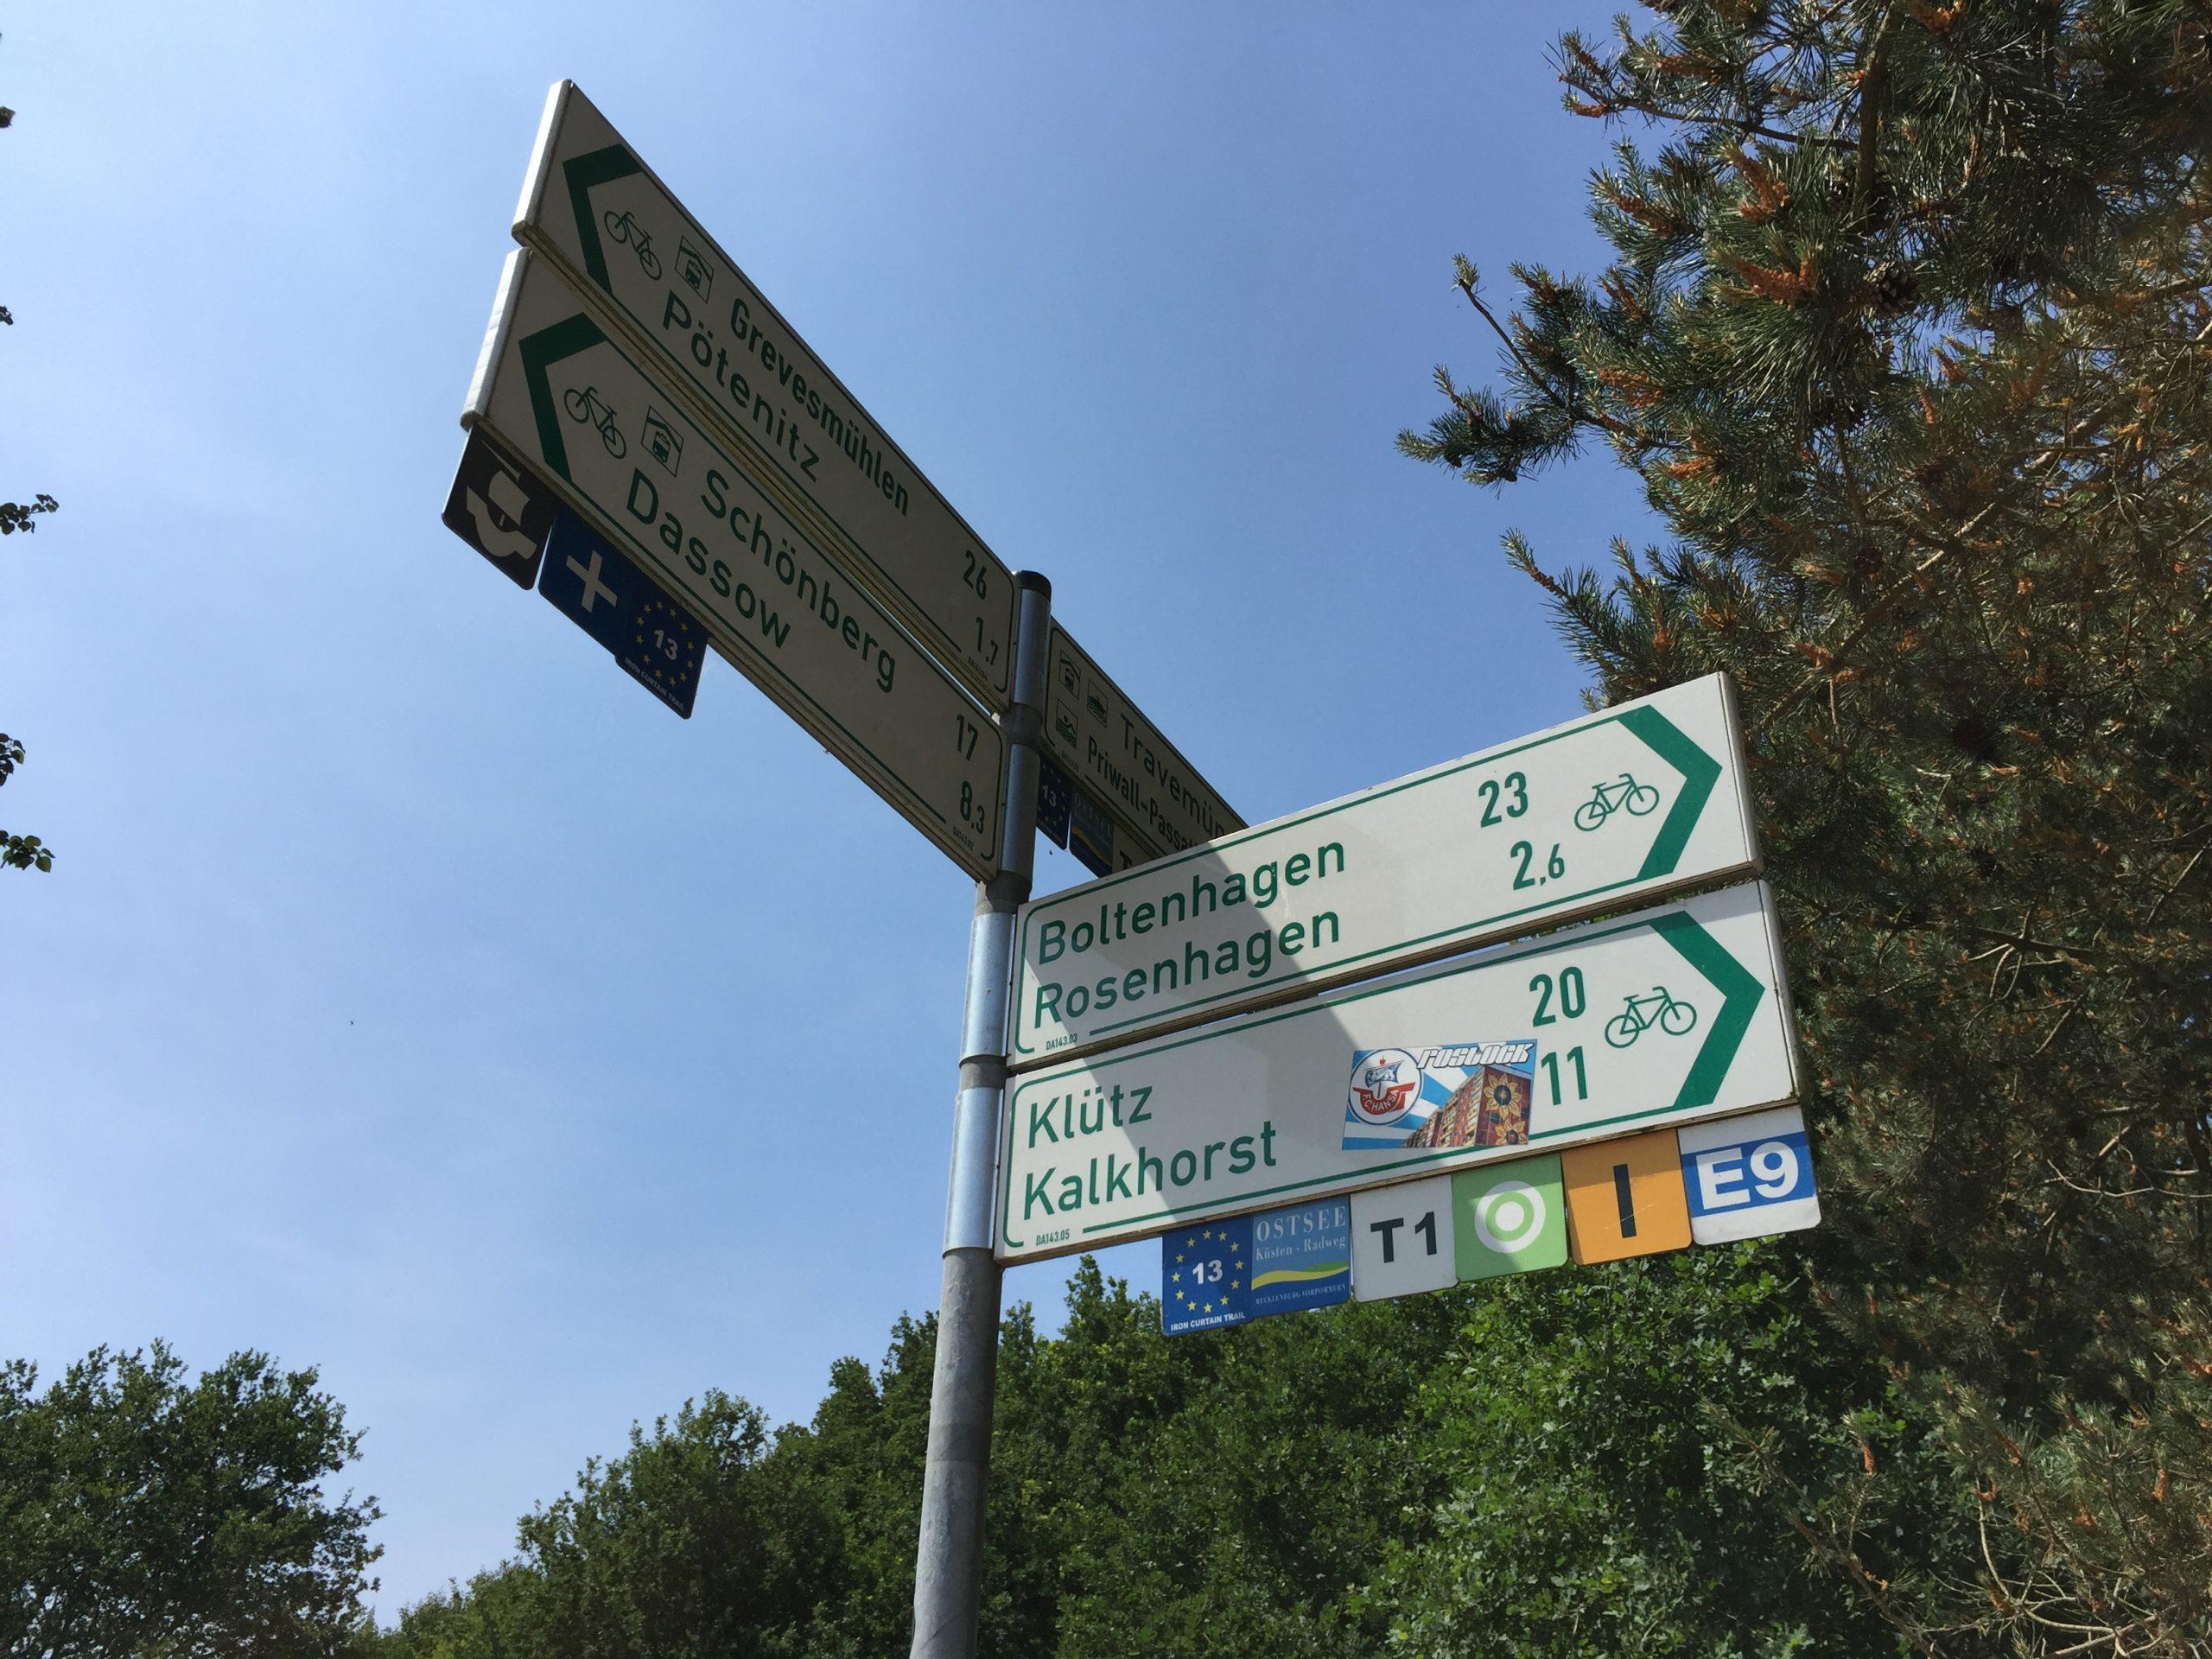 Abzweig EV13 Richtung Polen